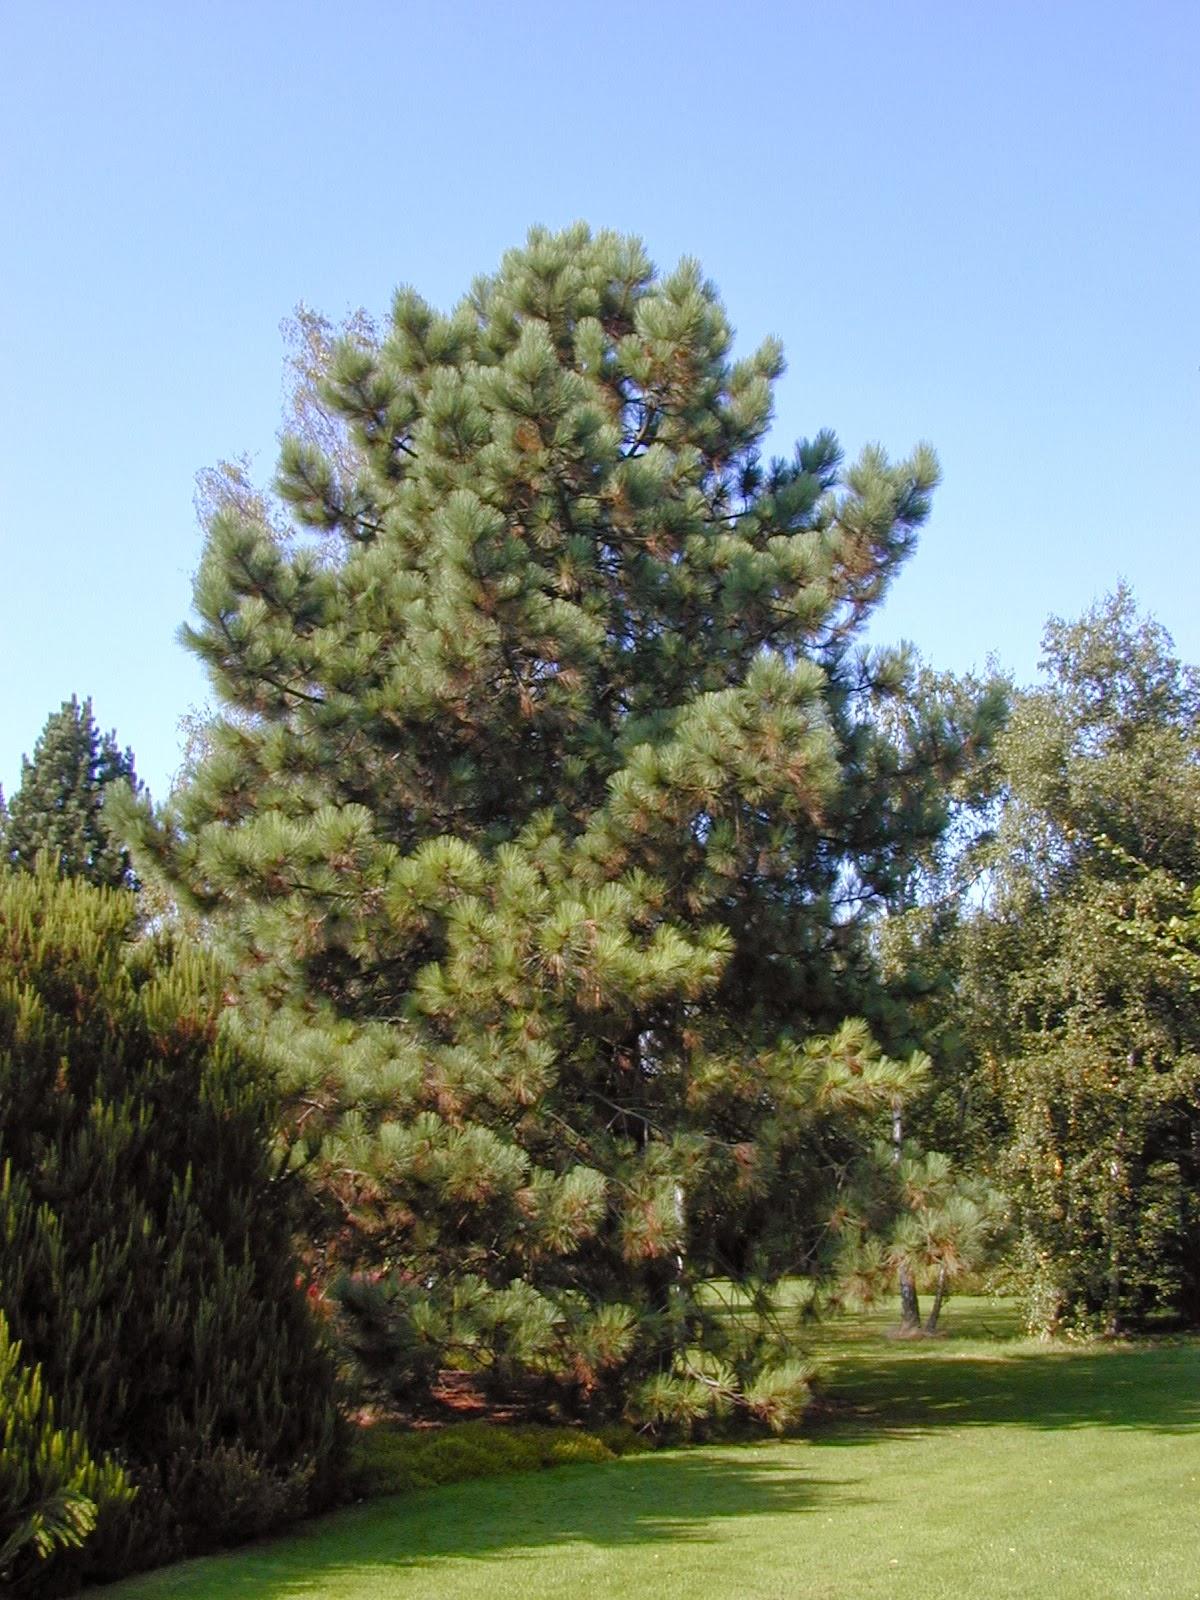 Trees of Santa Cruz County: Pinus coulteri - Big-Cone Pine